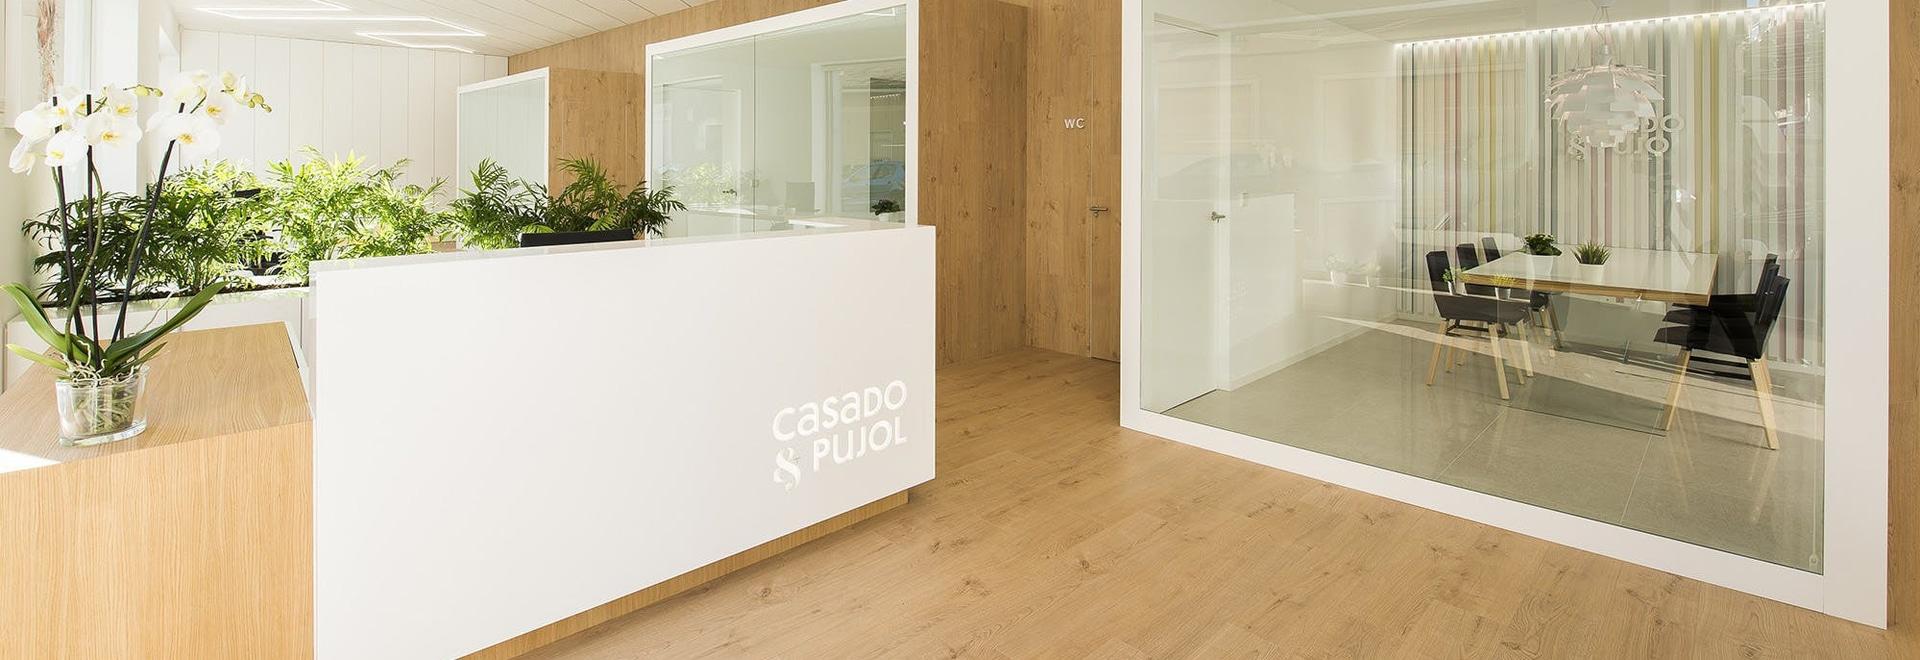 Büros - Casado & Pujol